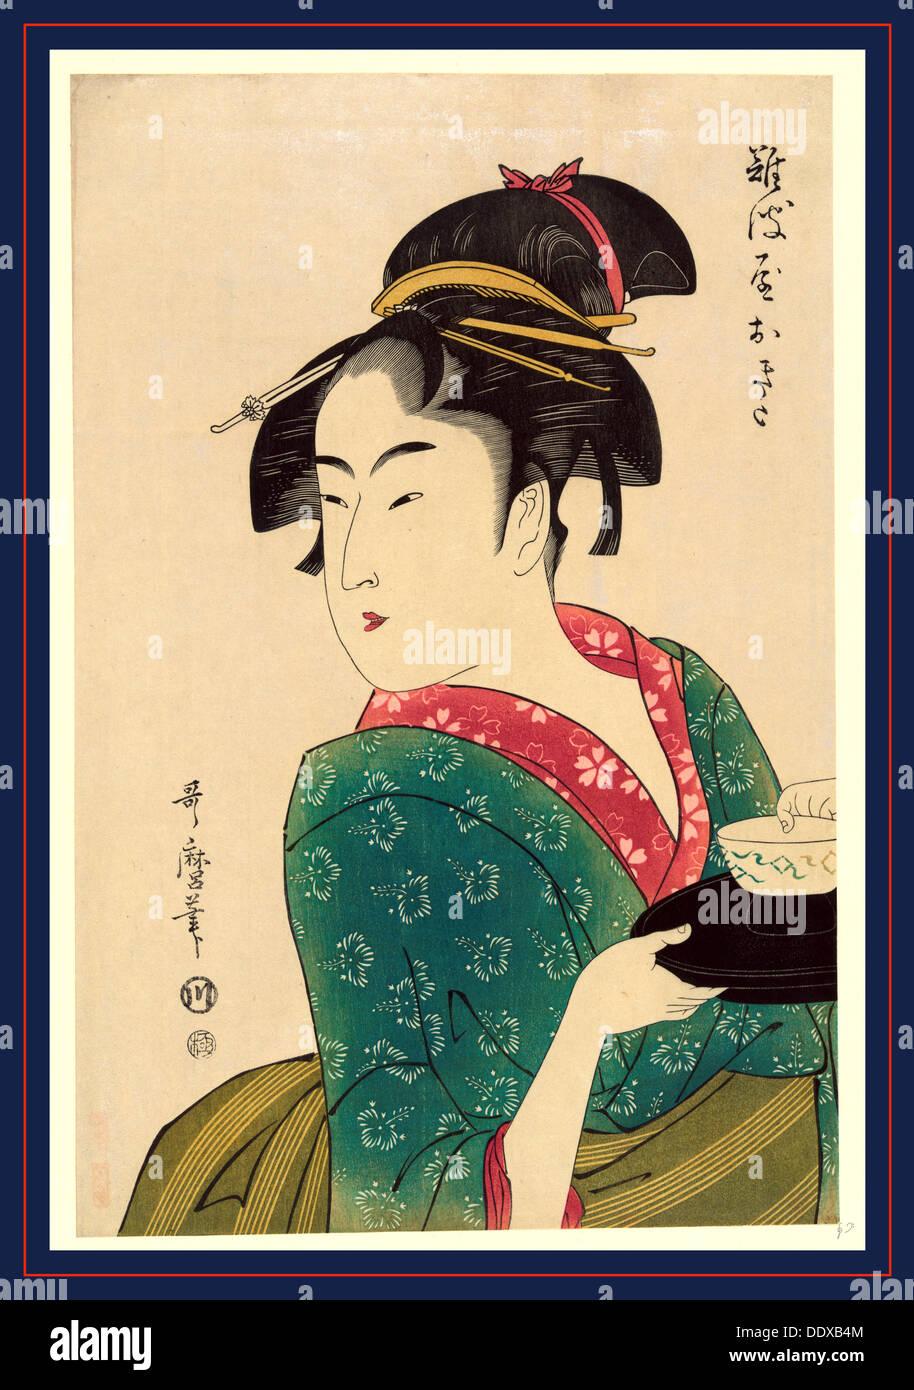 Naniwaya okita, Okita de Naniwa-ya. [1793], 1 imprimir posteriormente imprimir : xilografía, color, impresión muestra Foto de stock